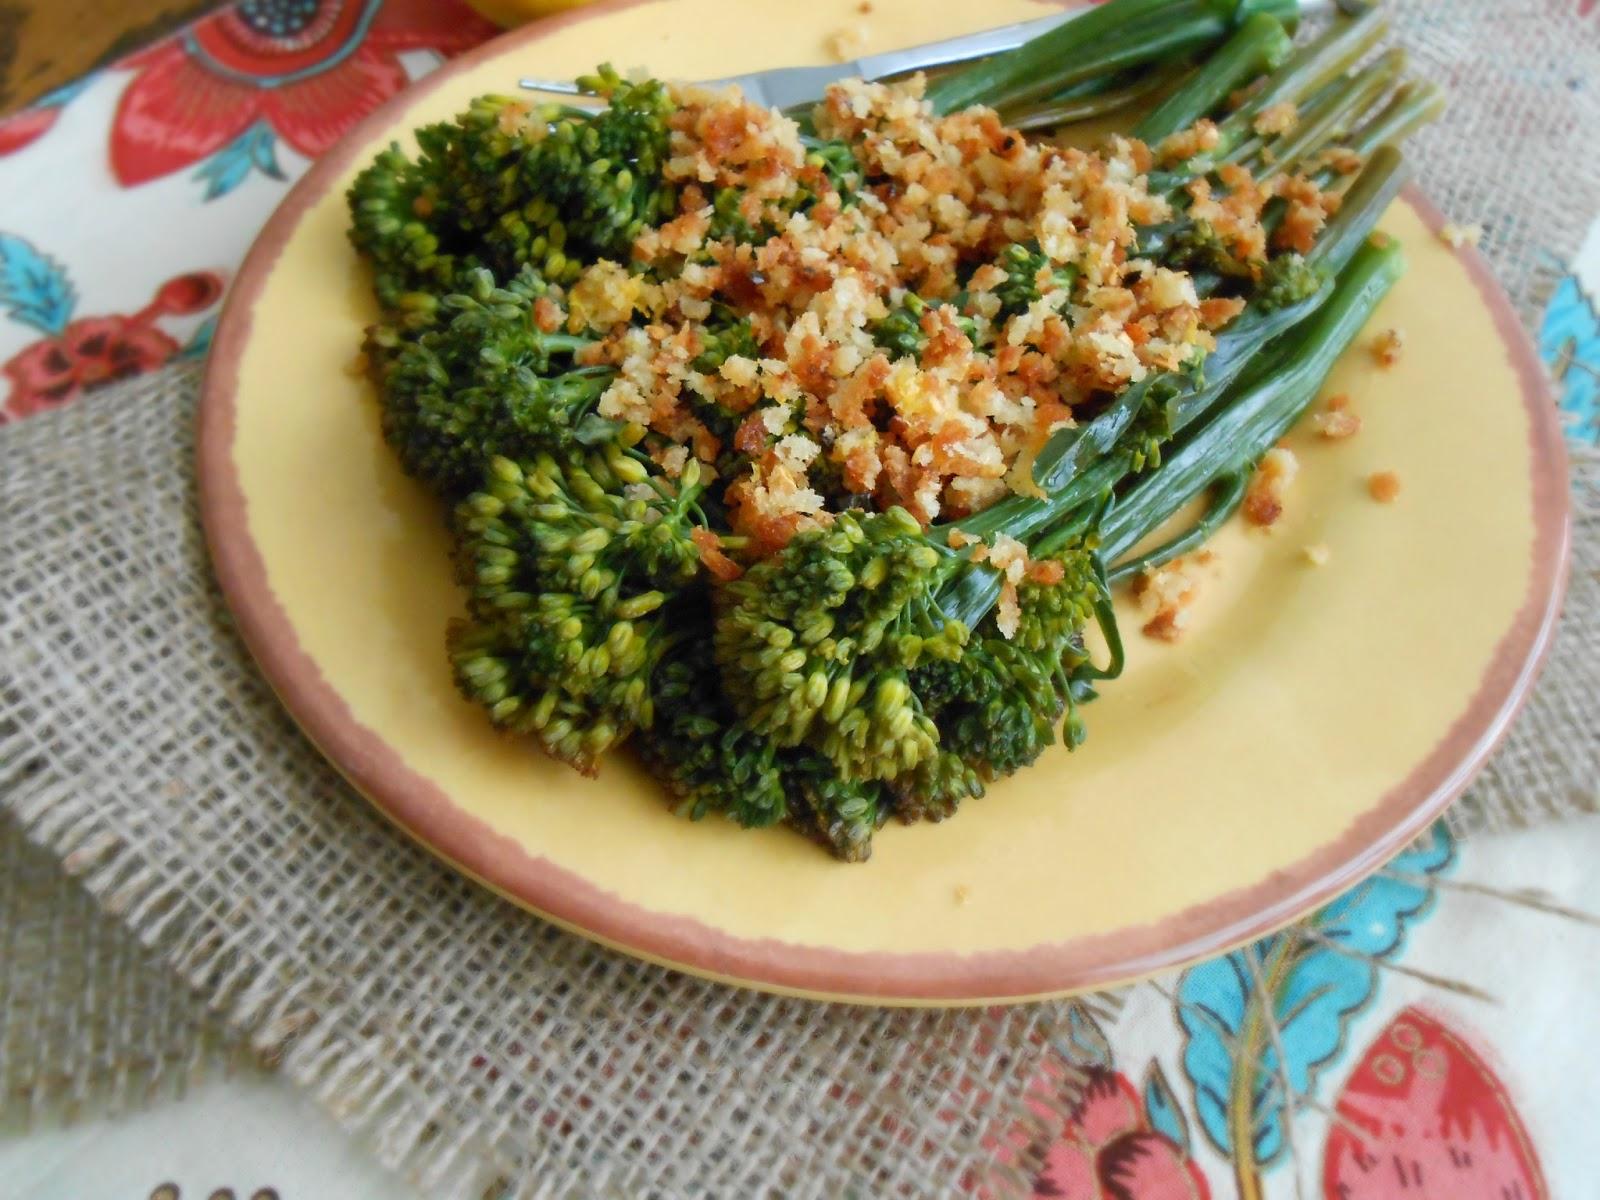 ... steamed lemon pepper broccoli lemon pepper steamed broccoli lemon